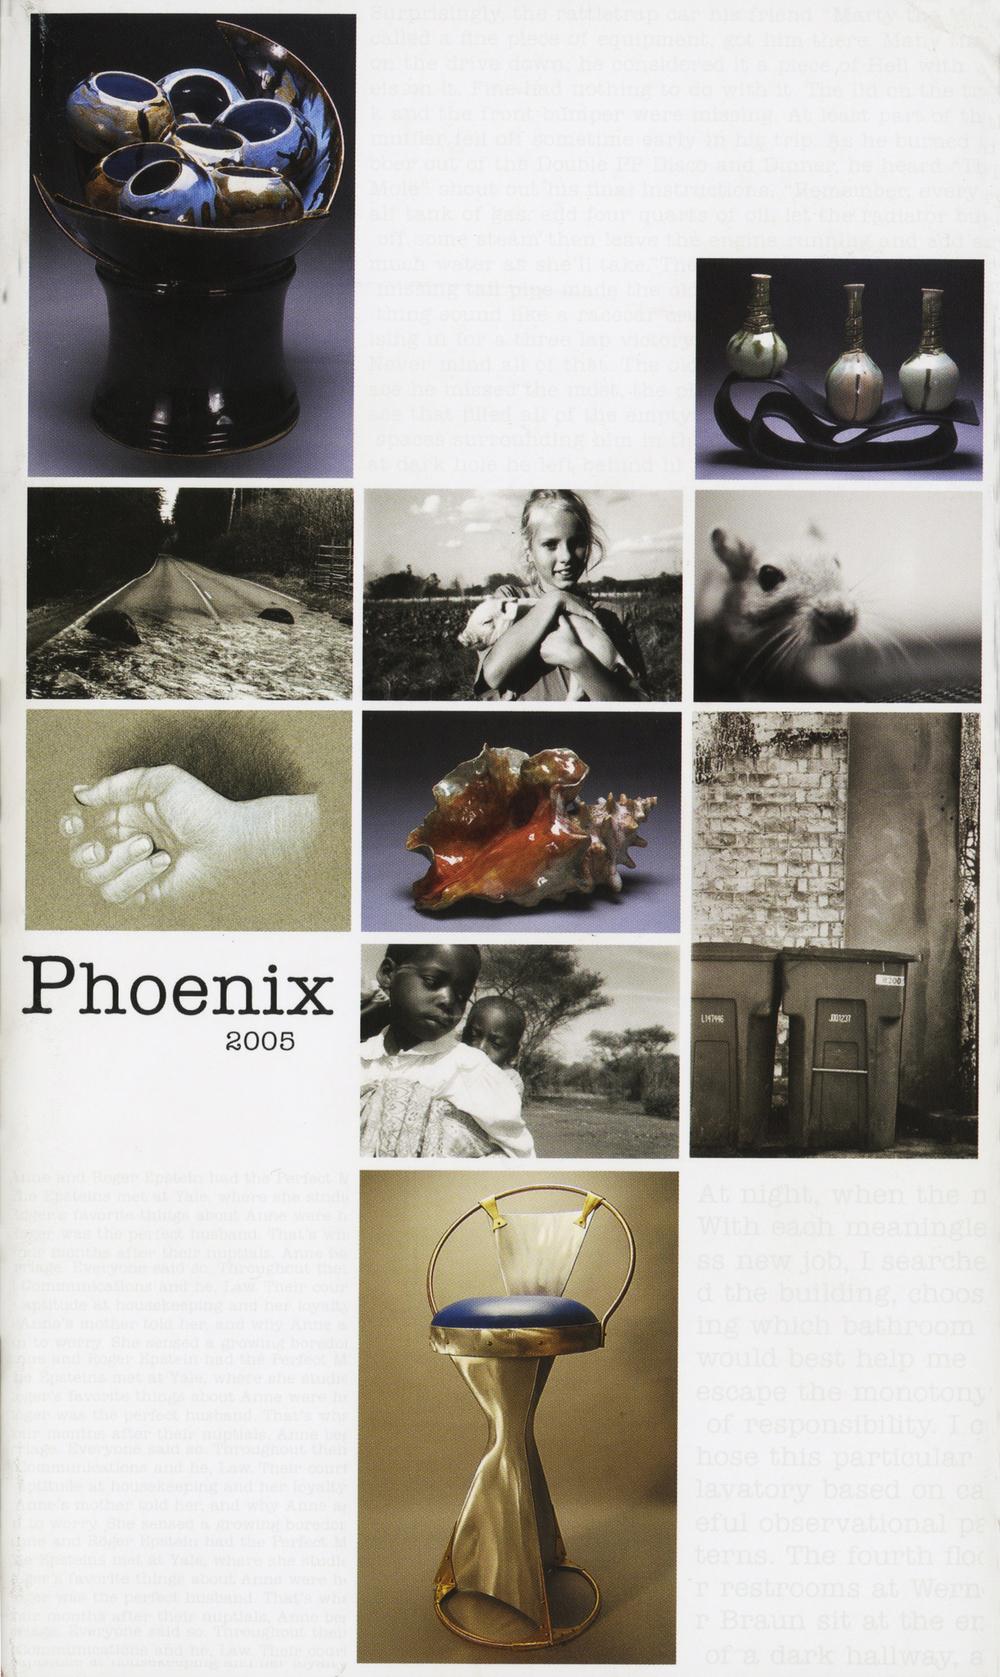 PHOENIX 2005